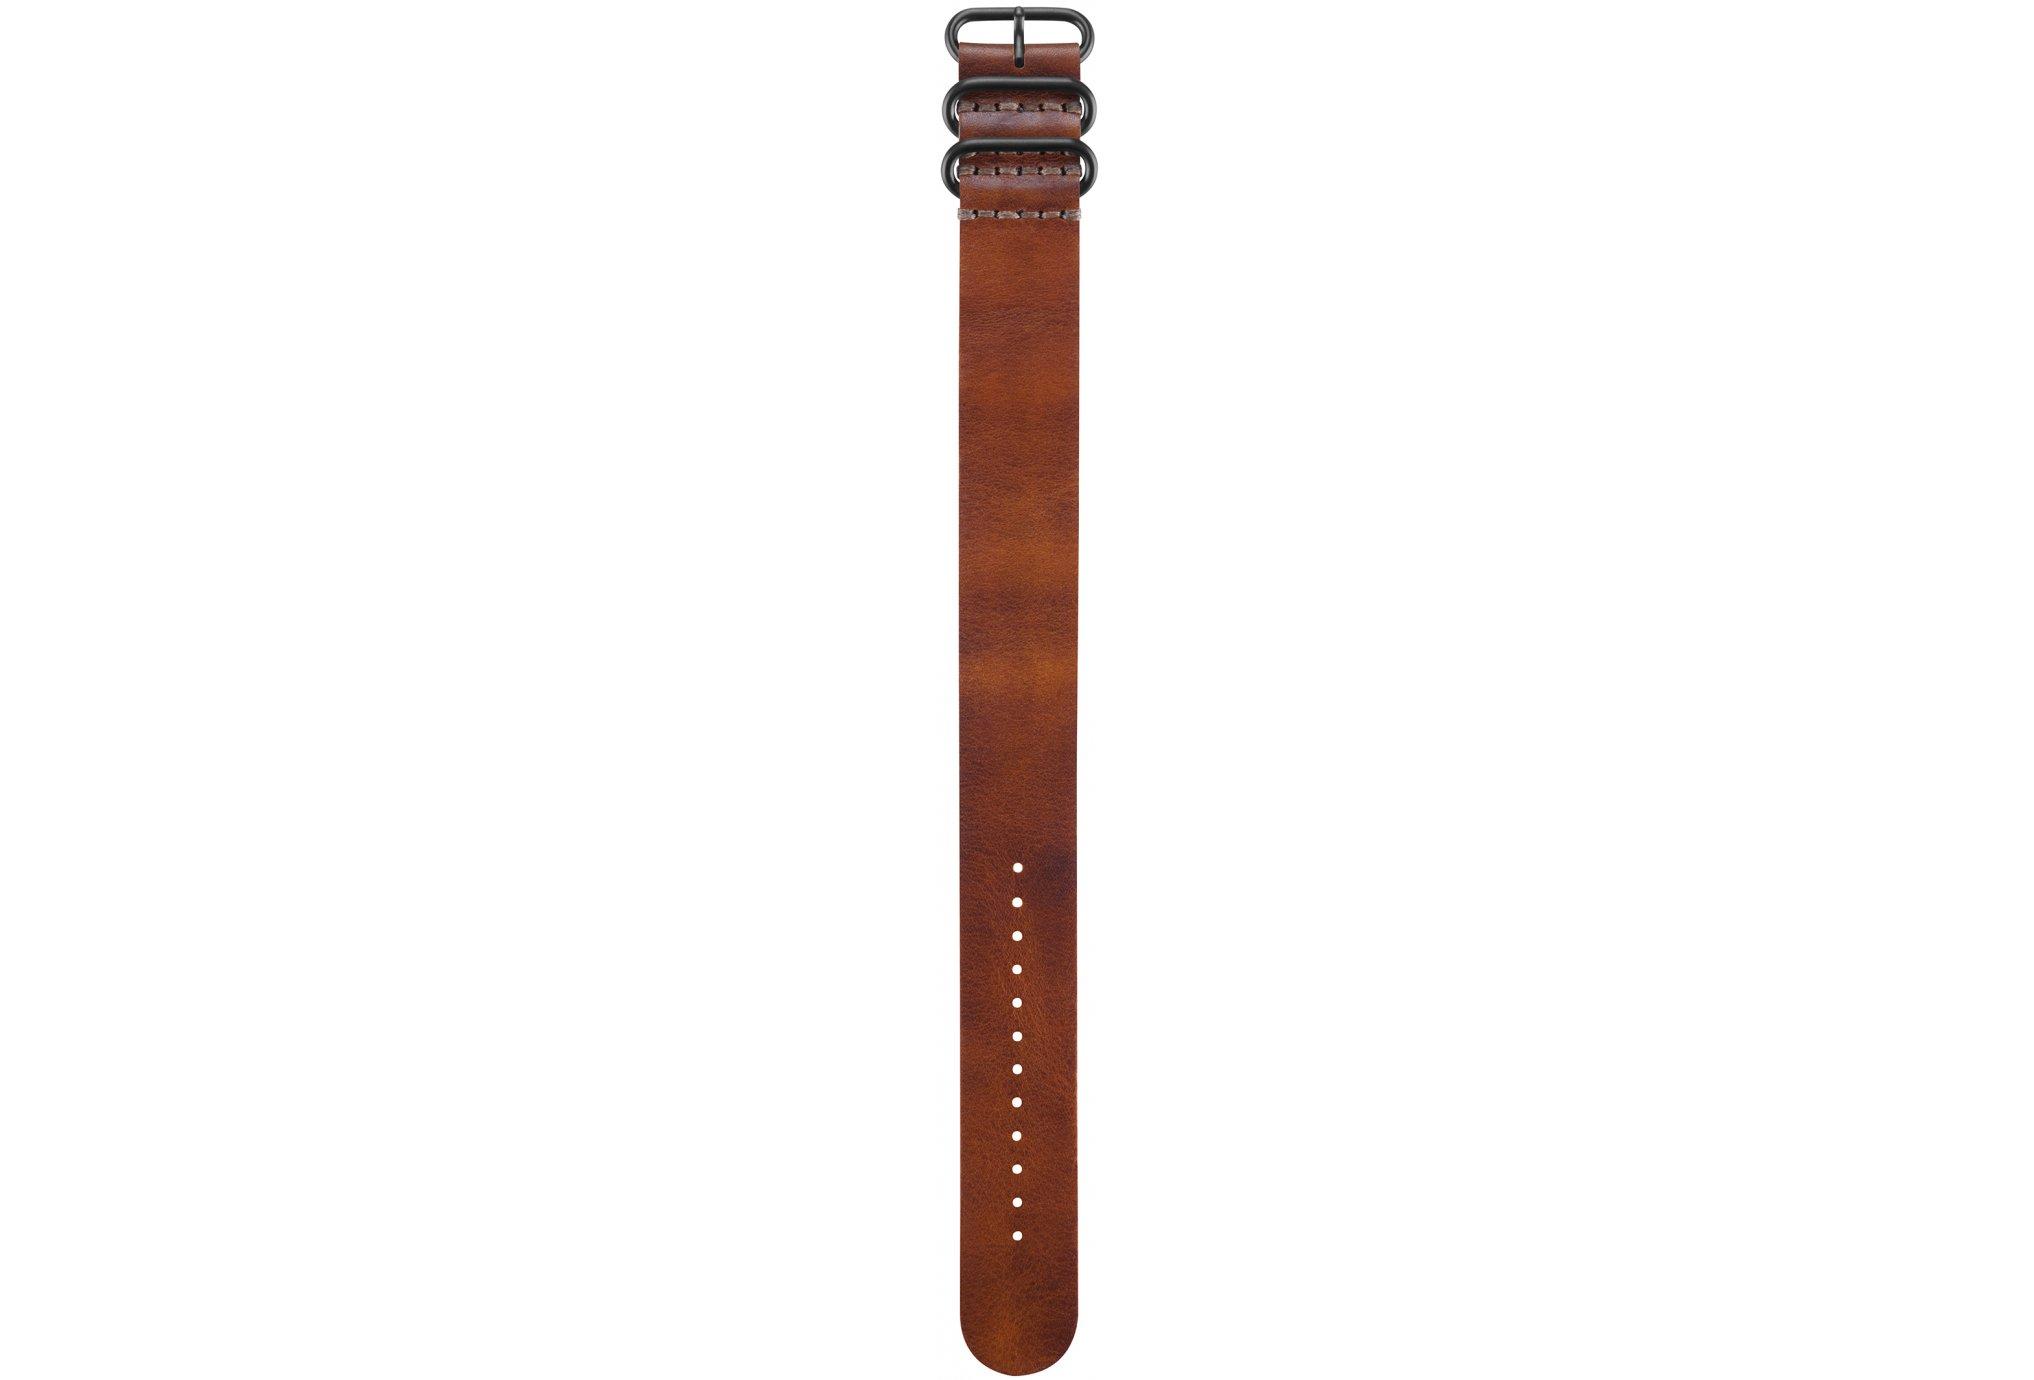 Garmin Bracelet cuir Fenix 3 Accessoires montres/ Bracelets